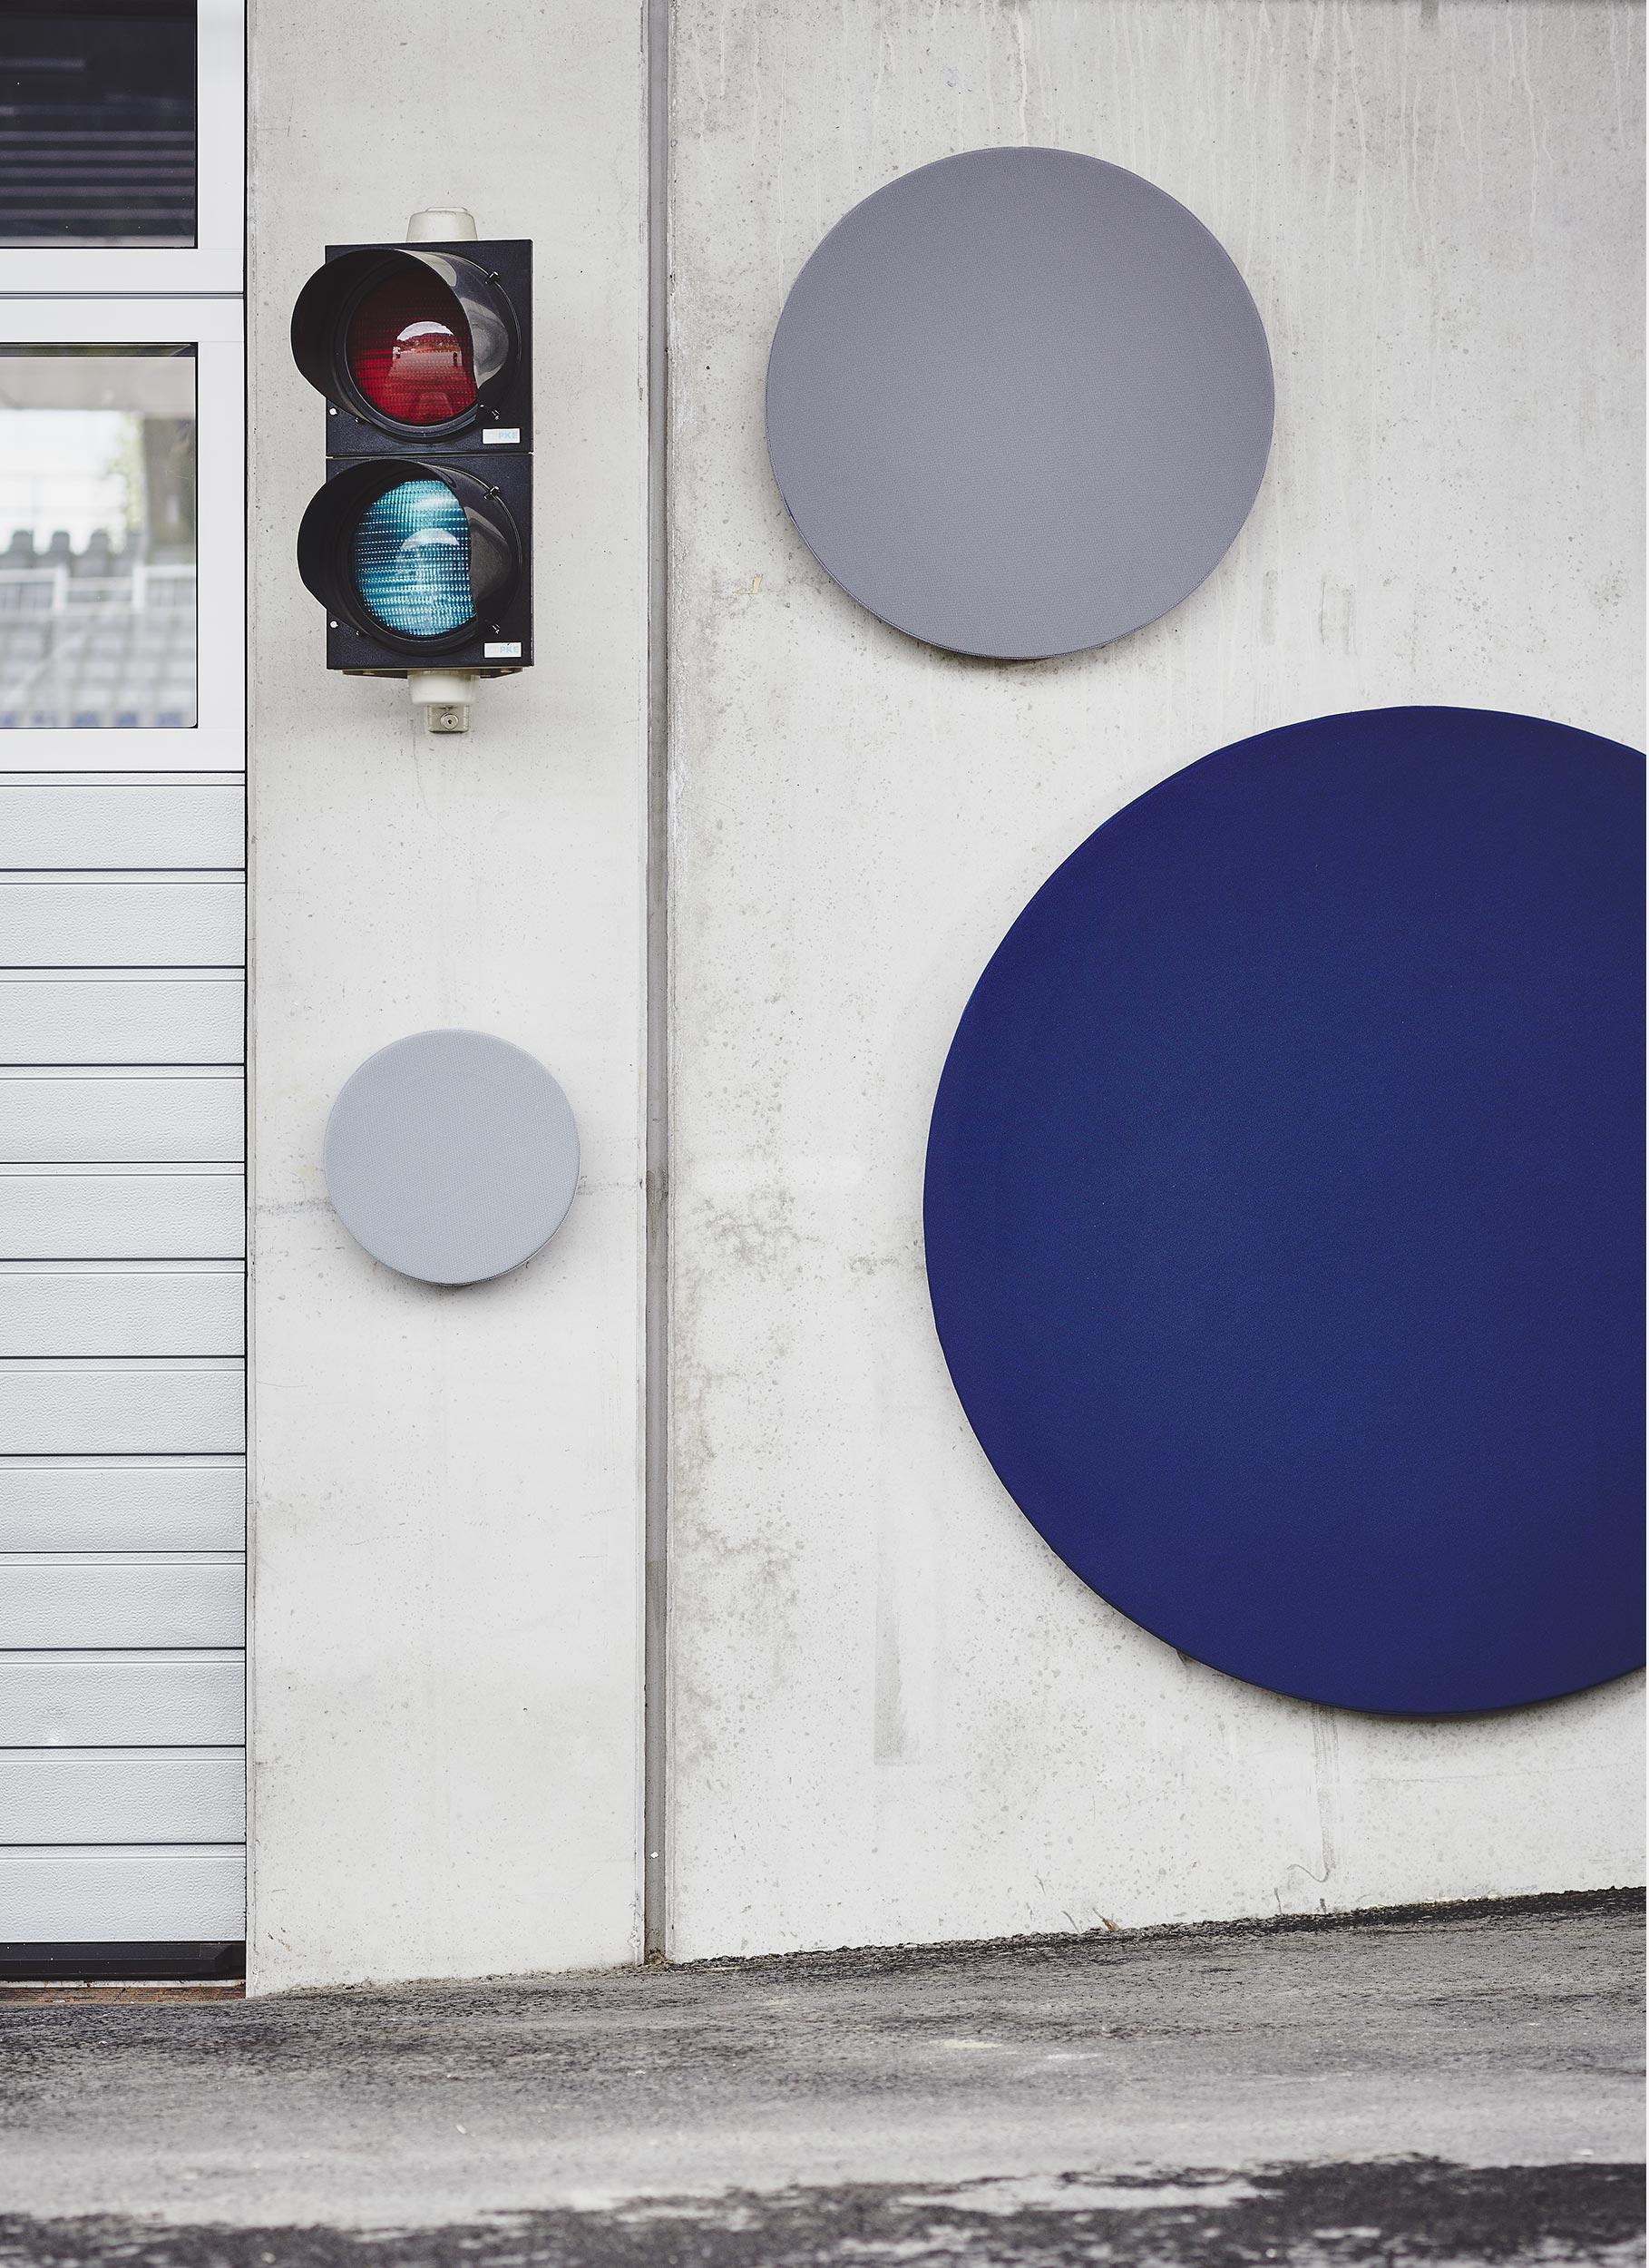 wandabsorber wing round runder akustik schallabsorber b11. Black Bedroom Furniture Sets. Home Design Ideas